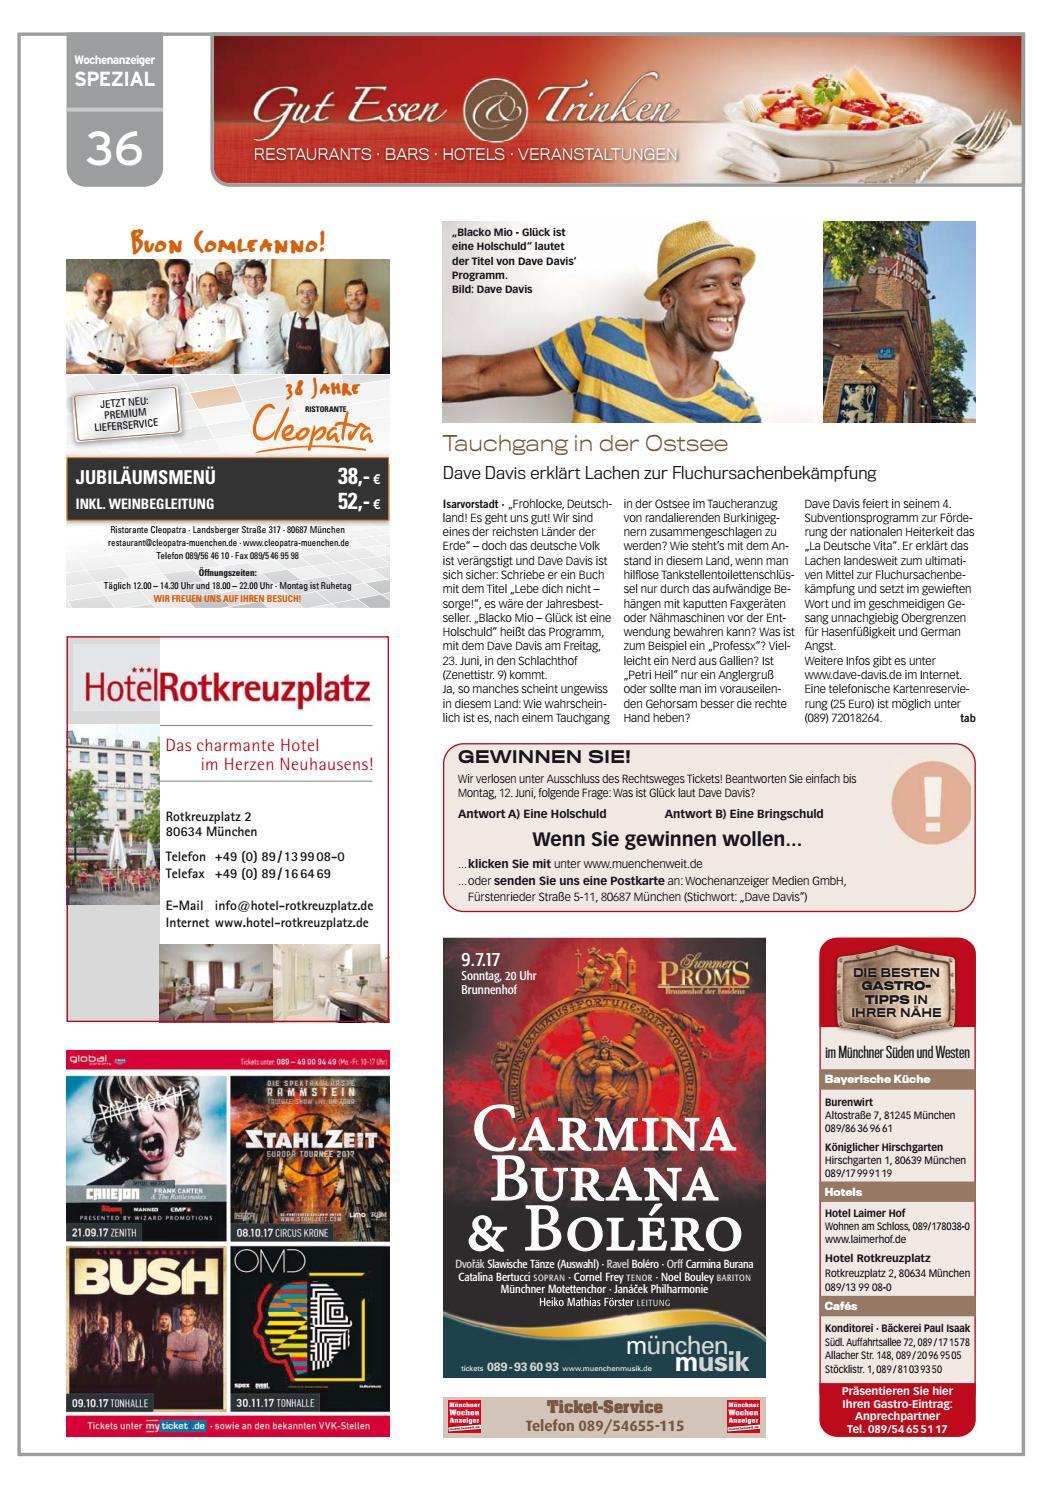 Kw 22 2017 by wochenanzeiger medien gmbh issuu for Spiegel jahresbestseller 2017